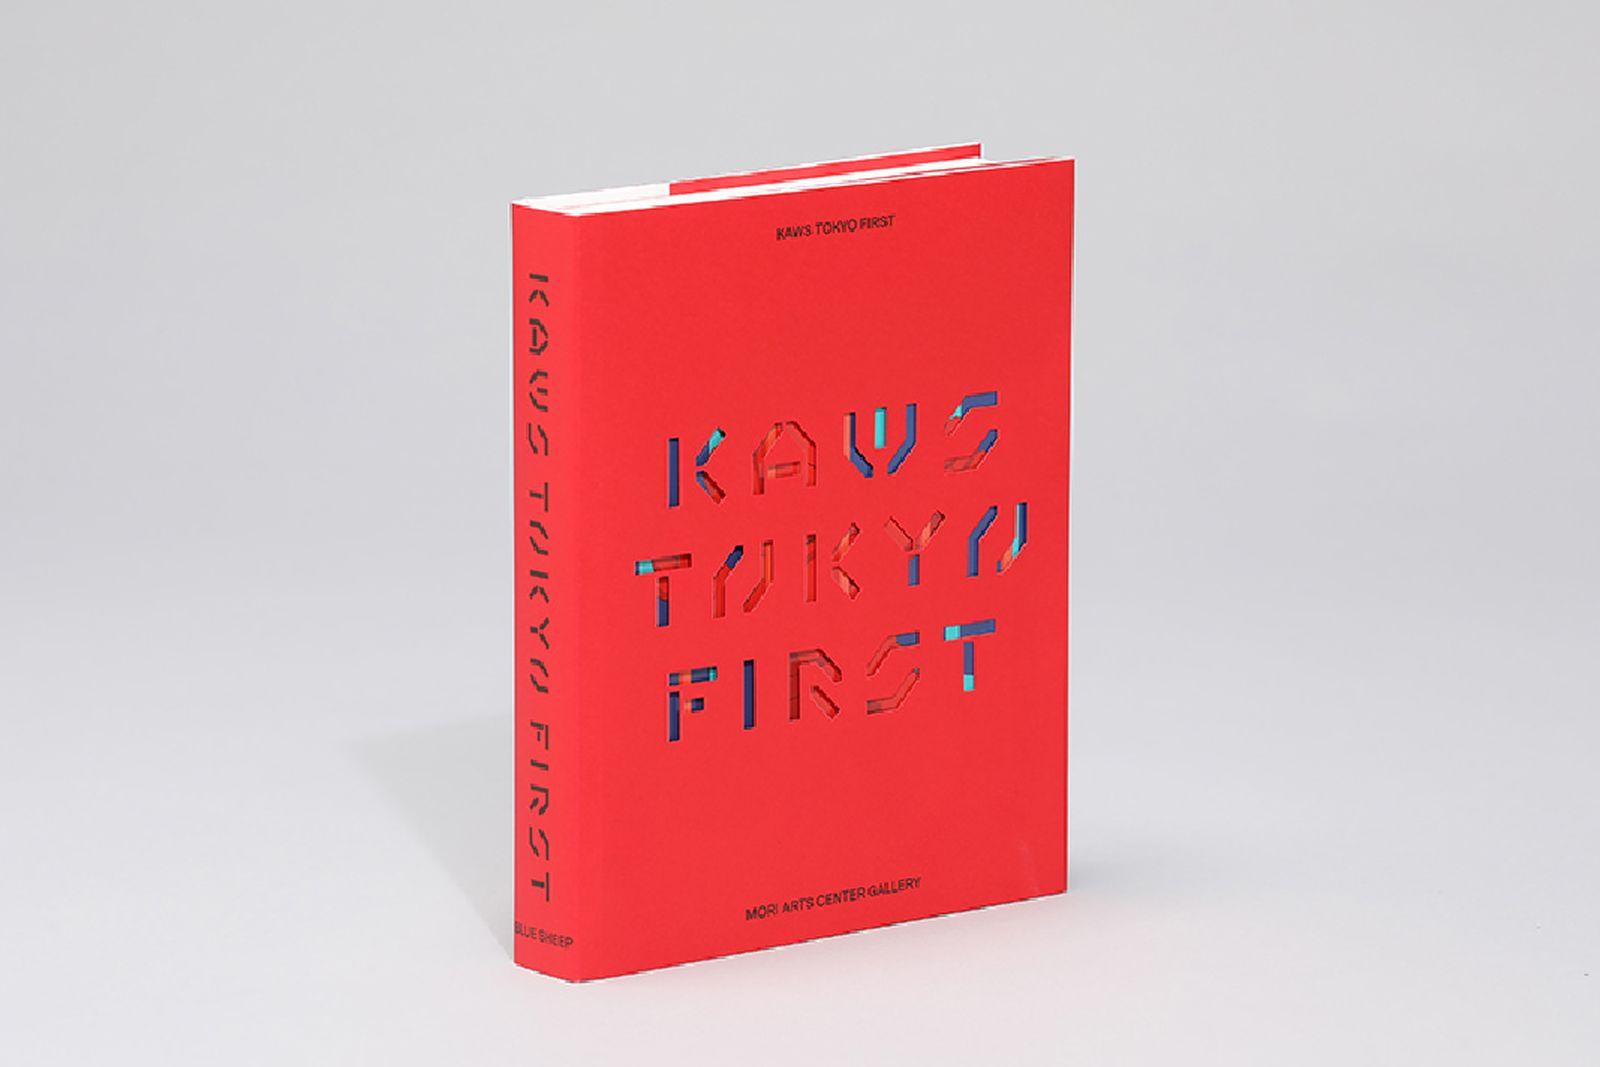 kaws tokyo first exhibit book catalogue